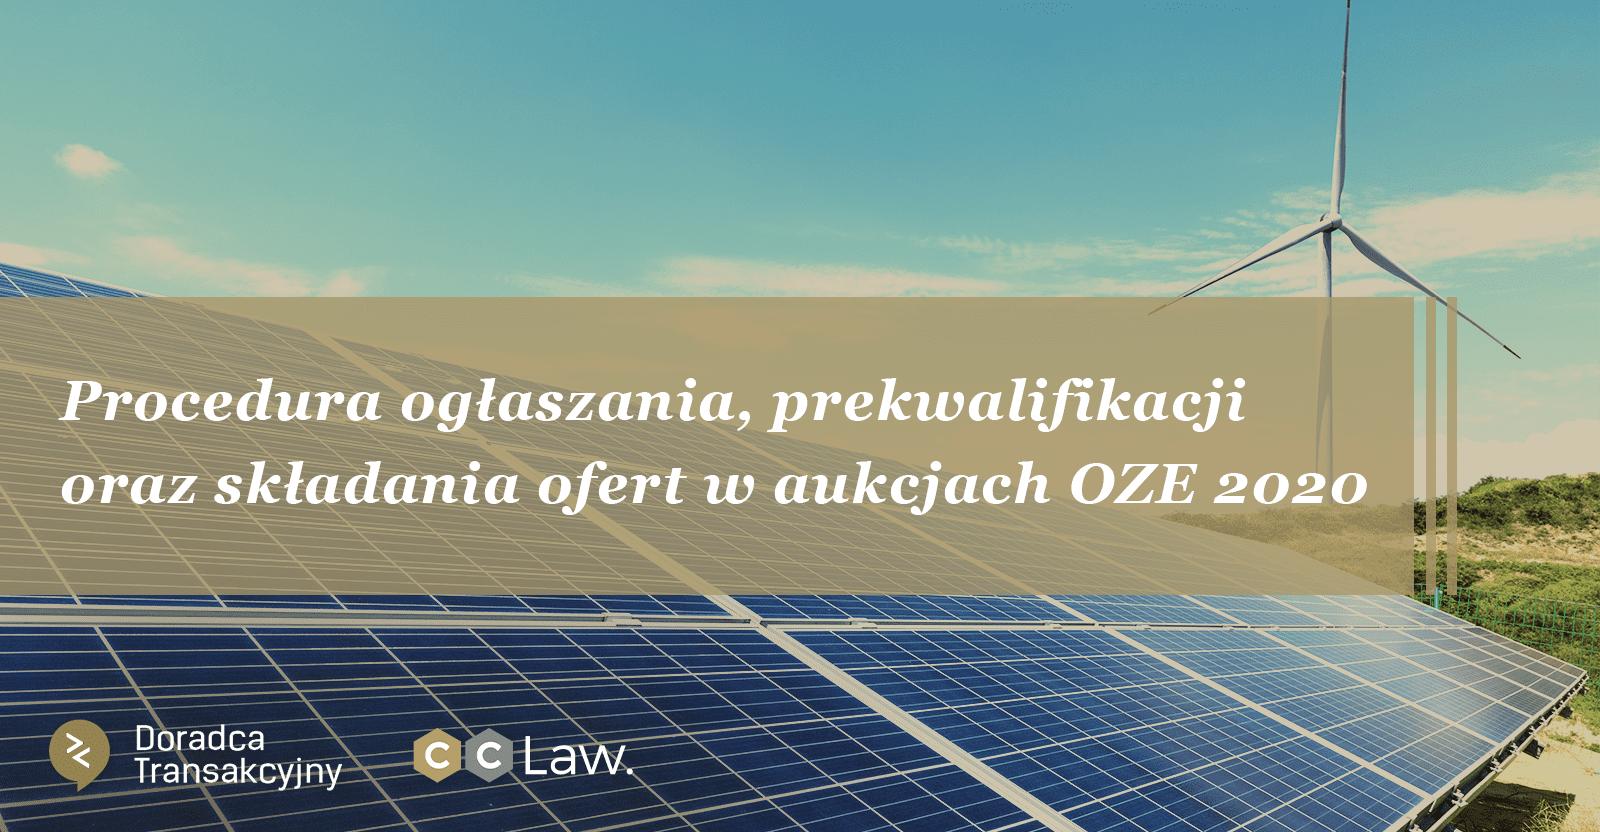 Procedura ogłaszania, prekwalifikacji oraz składania ofert w aukcjach OZE 2020